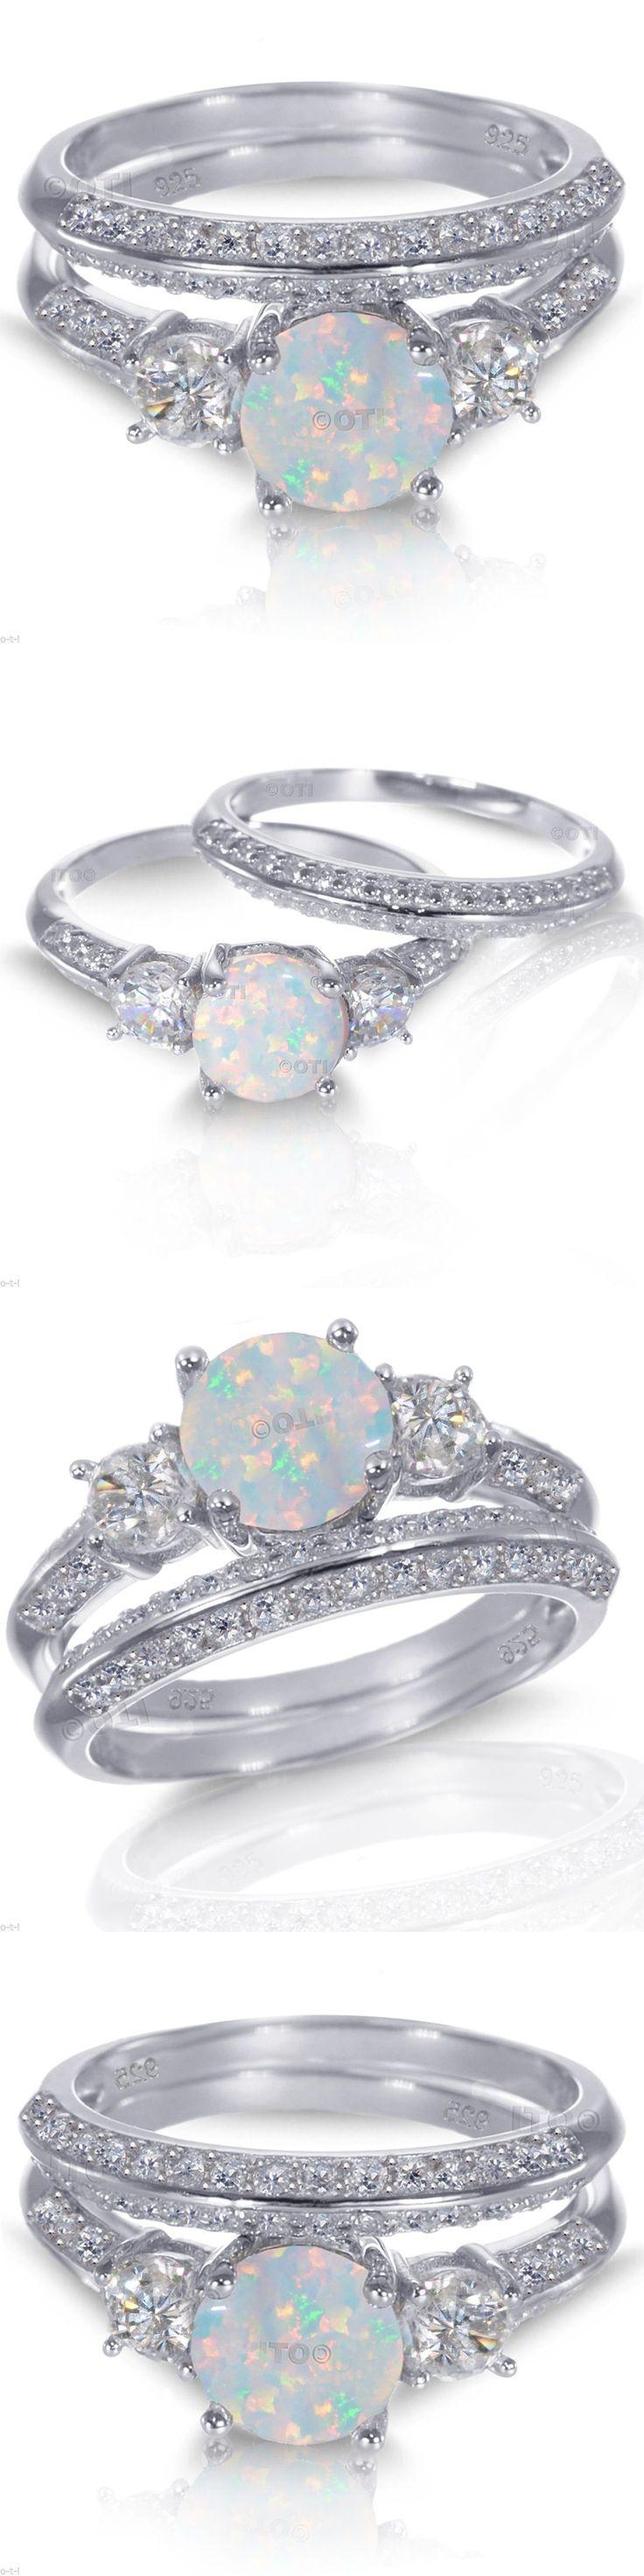 70 hermosas ópalos y diamantes para ideas de anillos de boda   – Wedding Ring Ideas